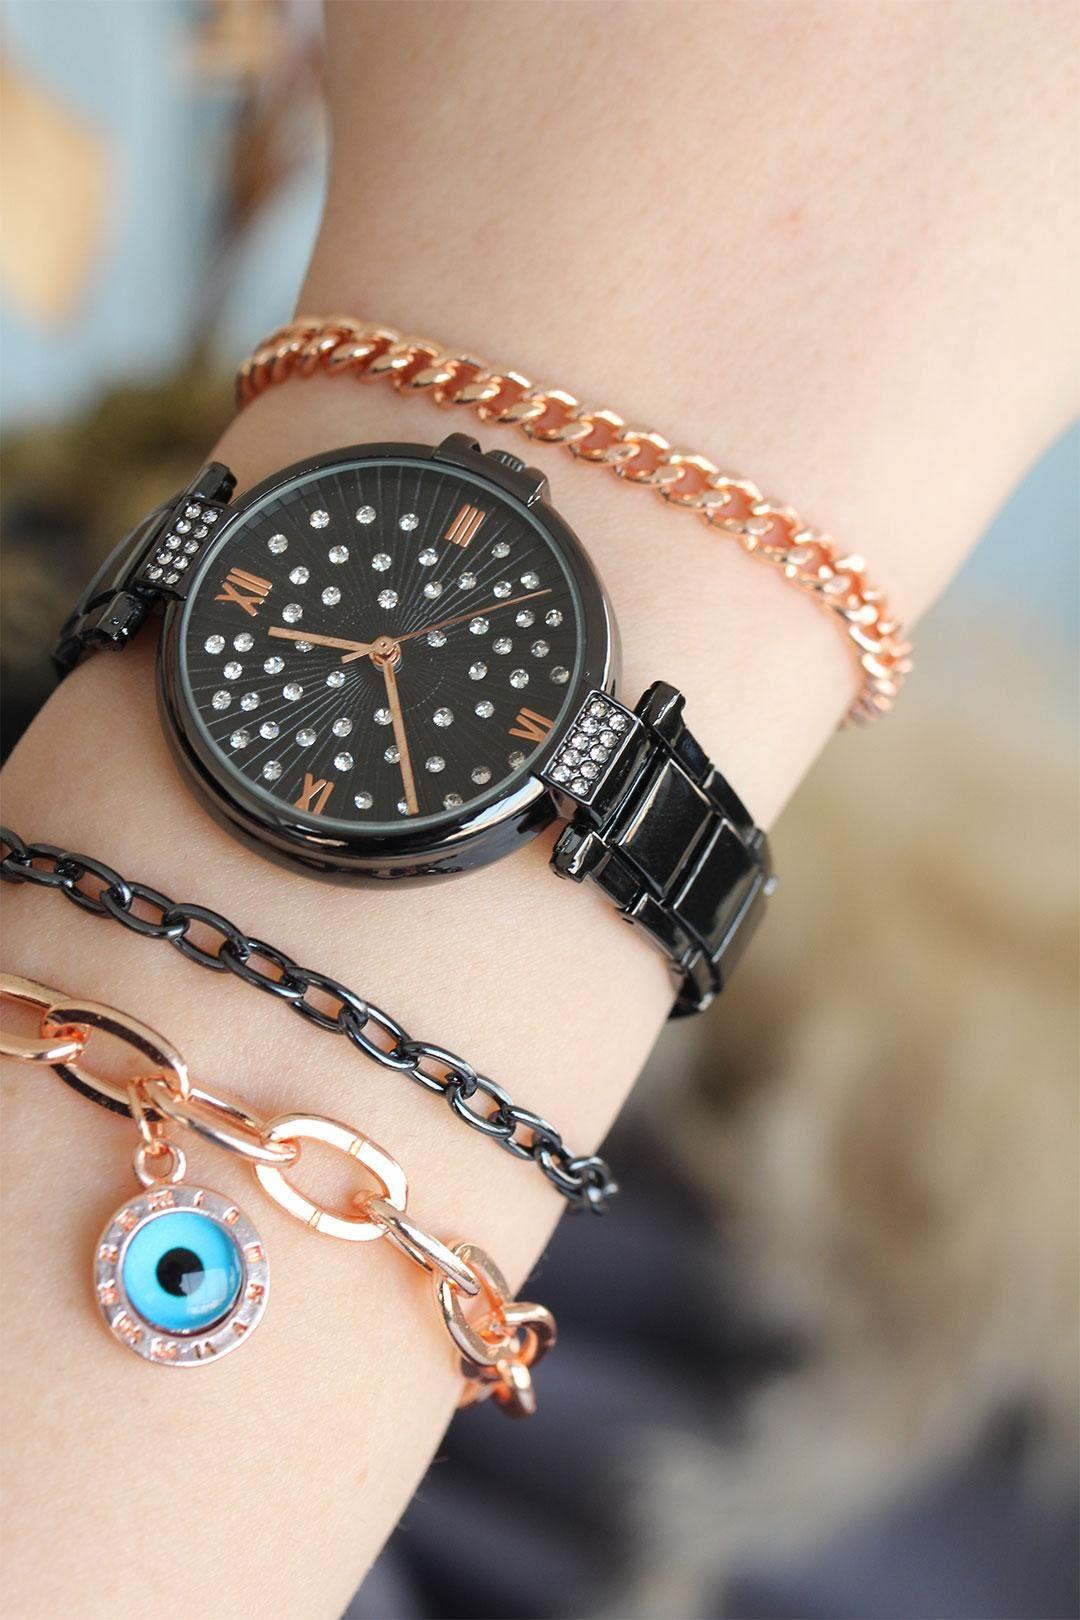 Roma Rakamlı Füme Renk Metal Kasa Kadın Saat ve Bileklik Kombini